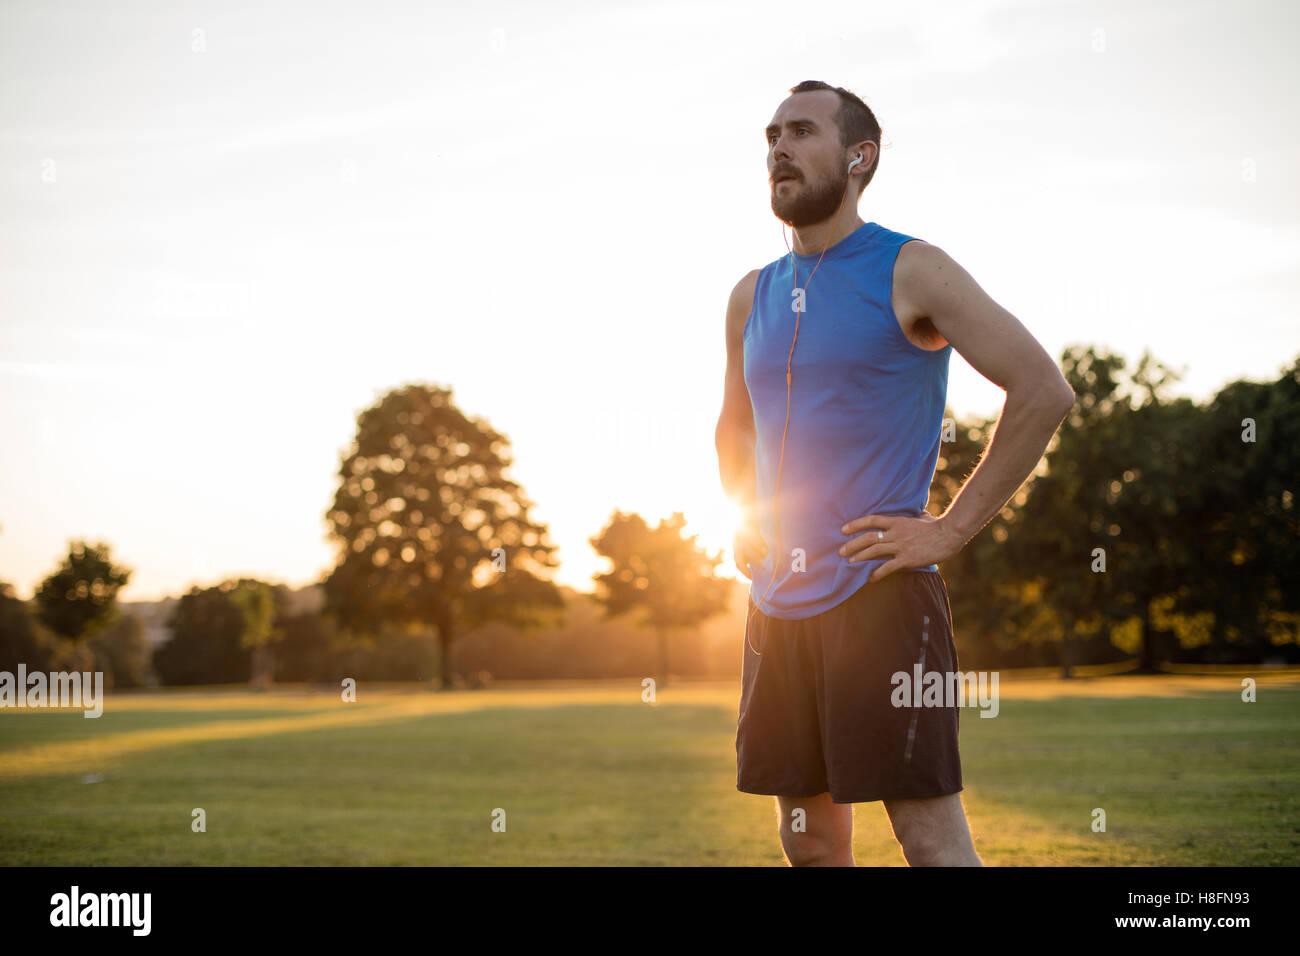 Junger sportlicher Mann, ruhen Sie sich nach einem Lauf im Park, während die Sonne untergeht Stockbild